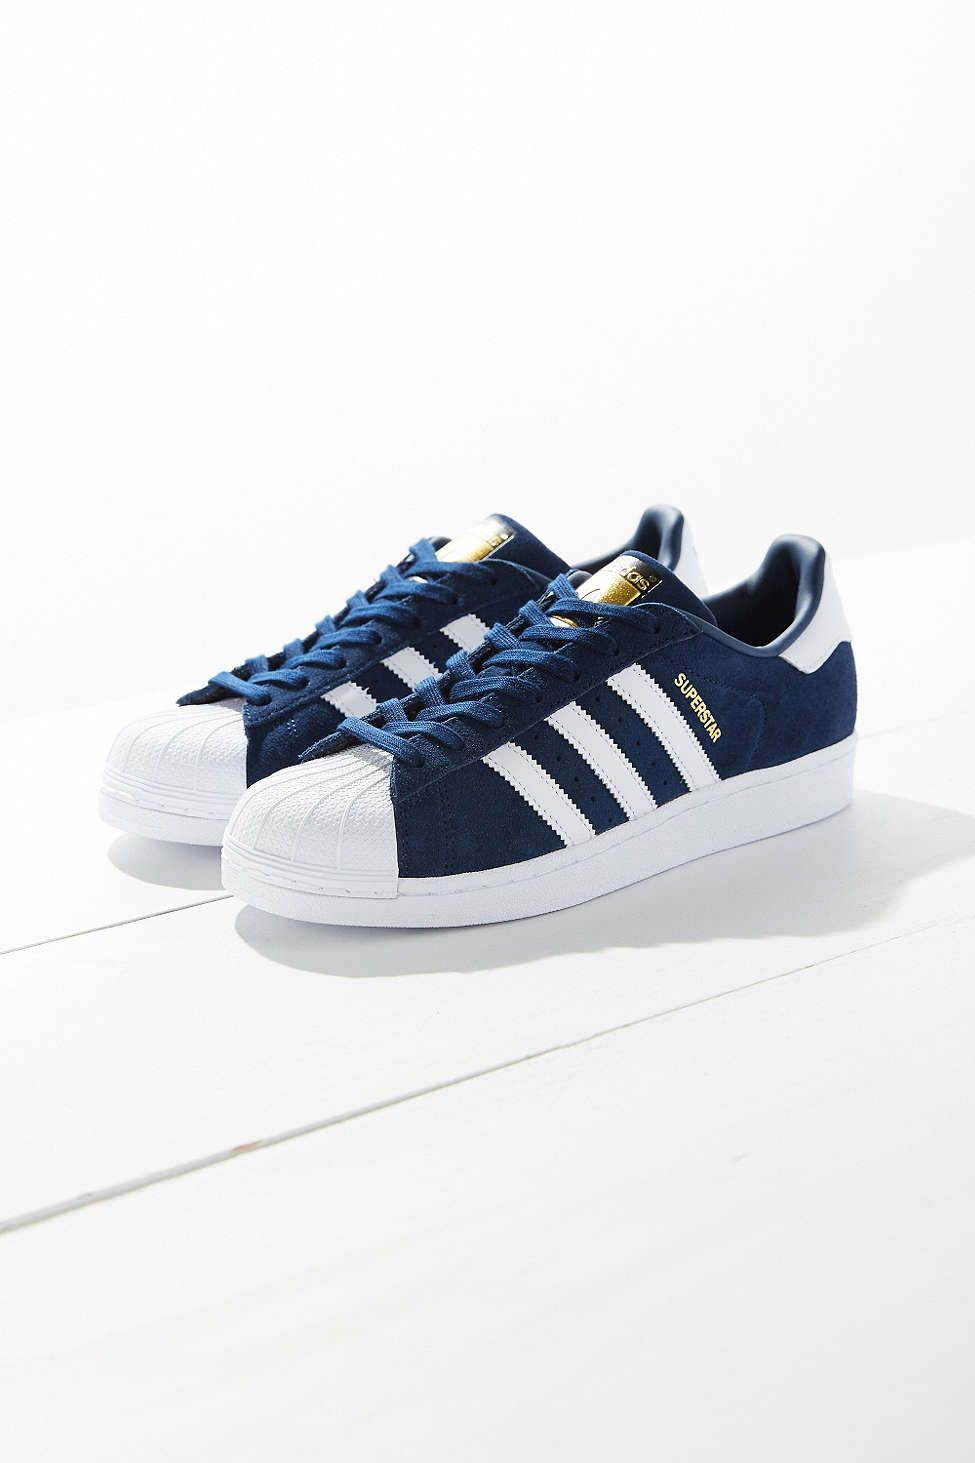 adidas zapatos 2017